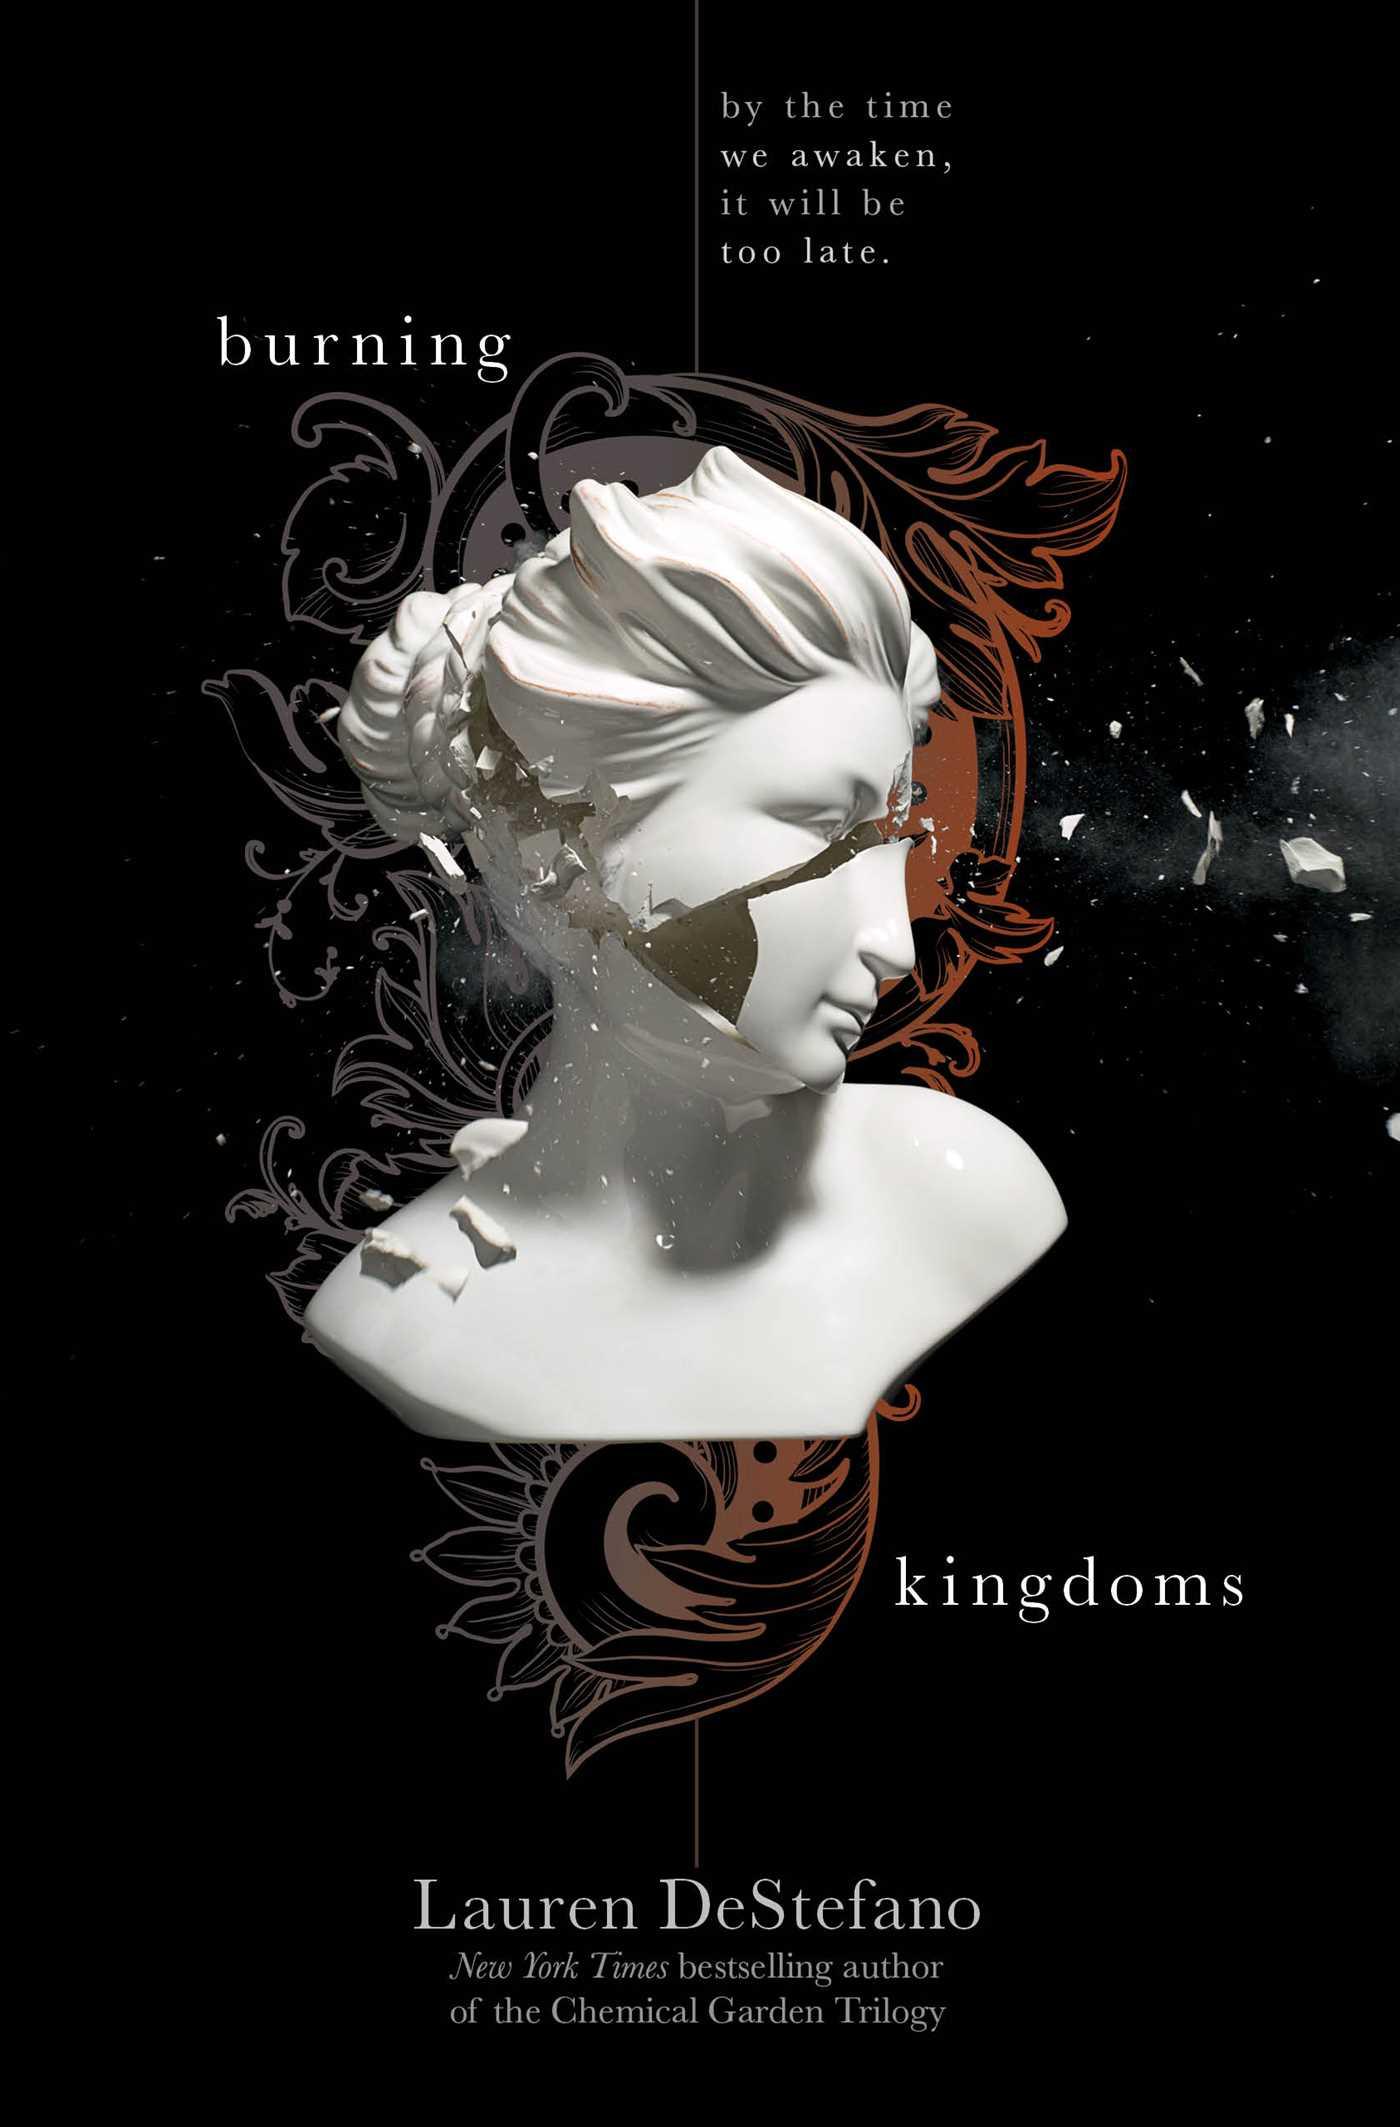 Burning kingdoms 9781442480650 hr